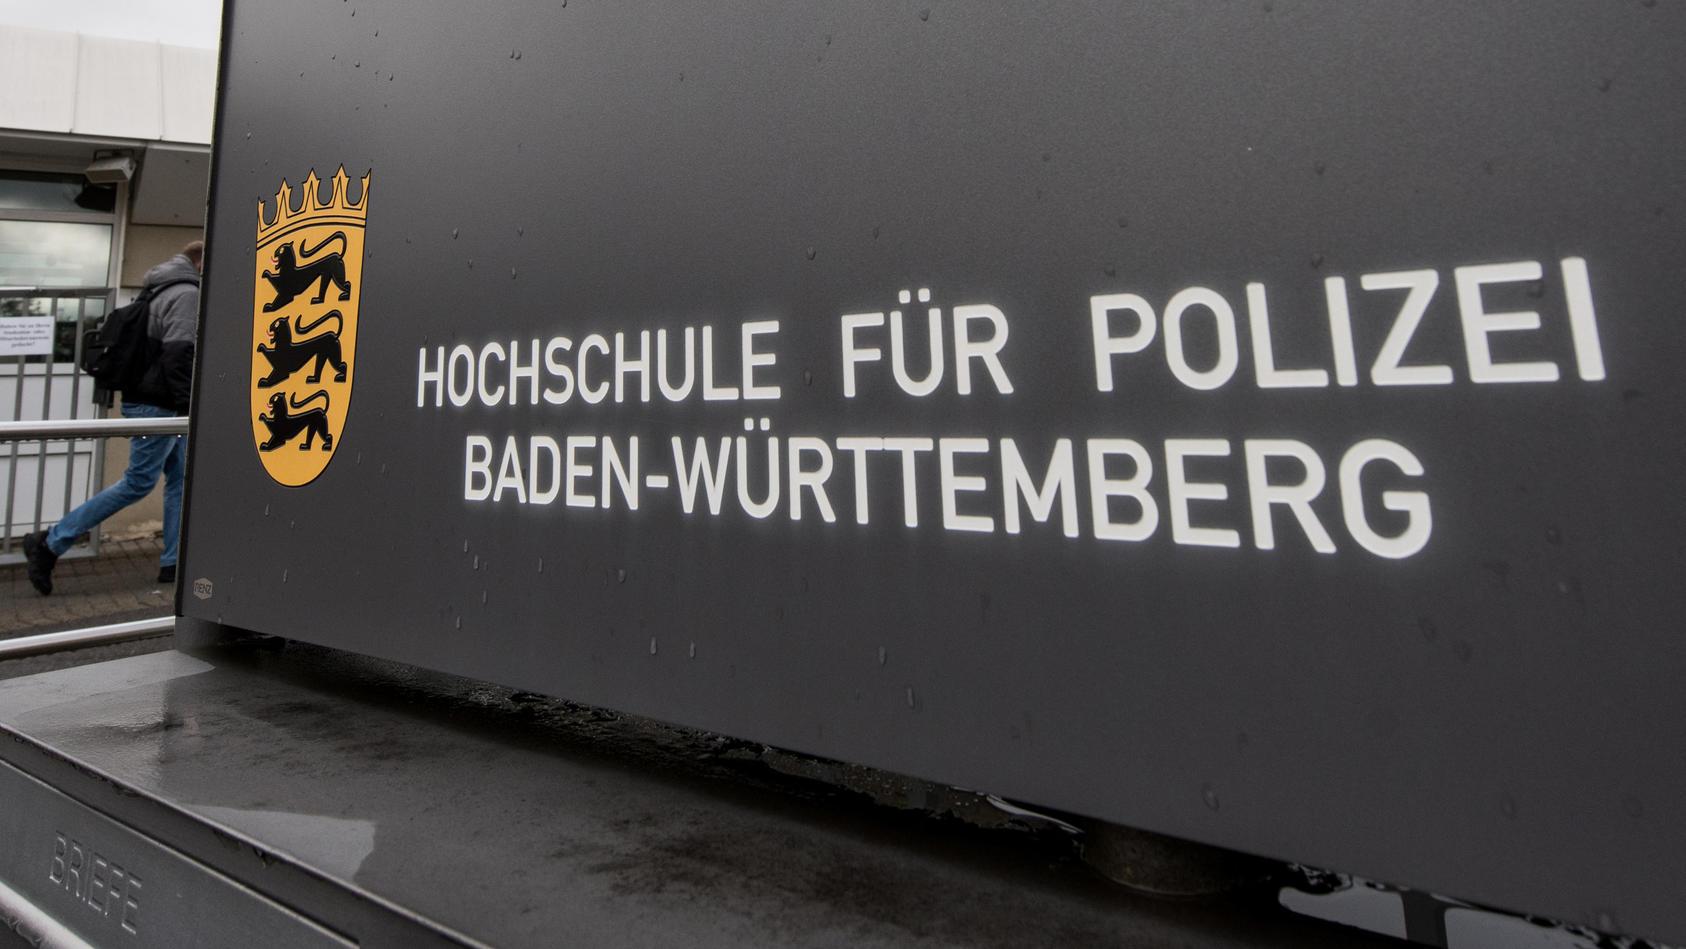 Die Polizeihochschule in Baden-Württemberg hat sieben Schüler vom Dienst suspendiert, weil sie rechtsextremes Gedankengut in einer geschlossenen Whatsapp-Gruppe ausgetauscht haben sollen.